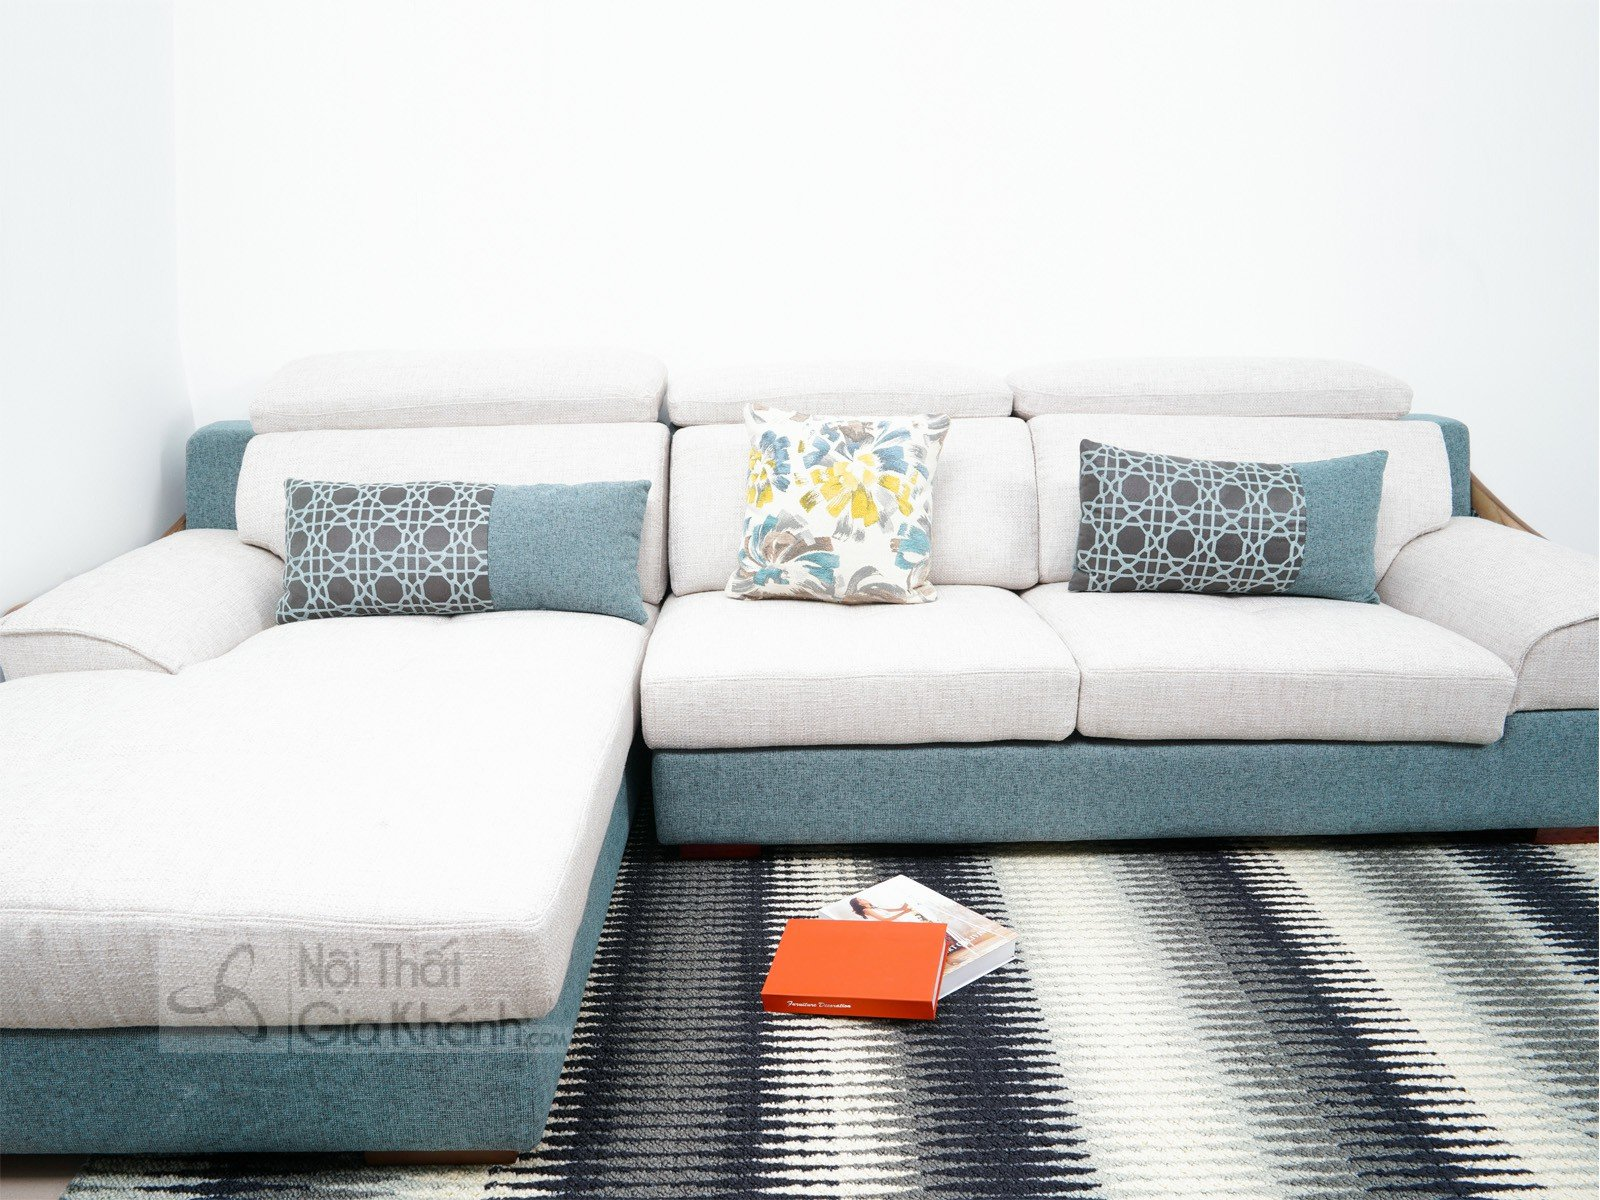 Bàn ghế Sofa vải nhập khẩu cao cấp 2 băng MR801C-SF - sofa hien dai MR801C SF 2900x1800x850 8